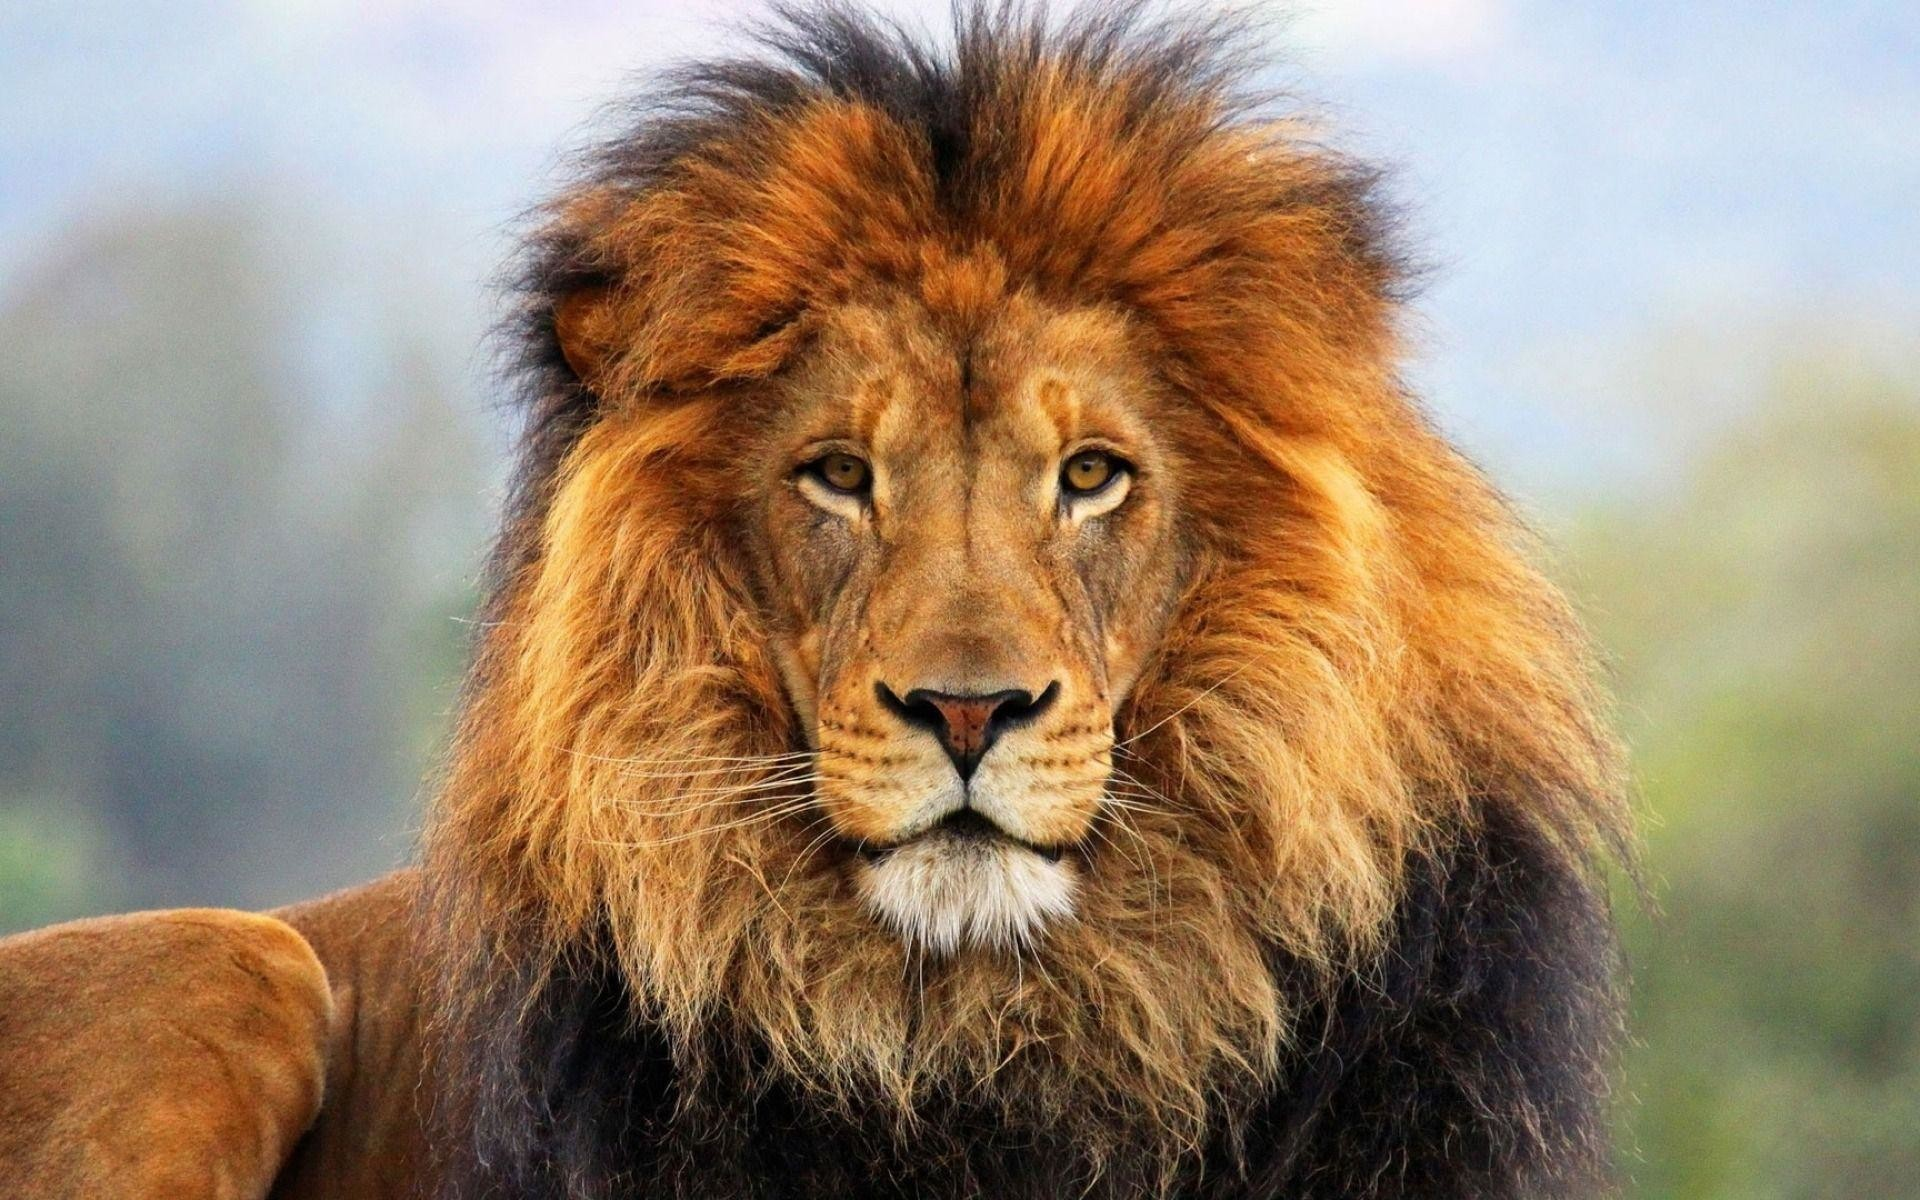 lion face wallpaper 68